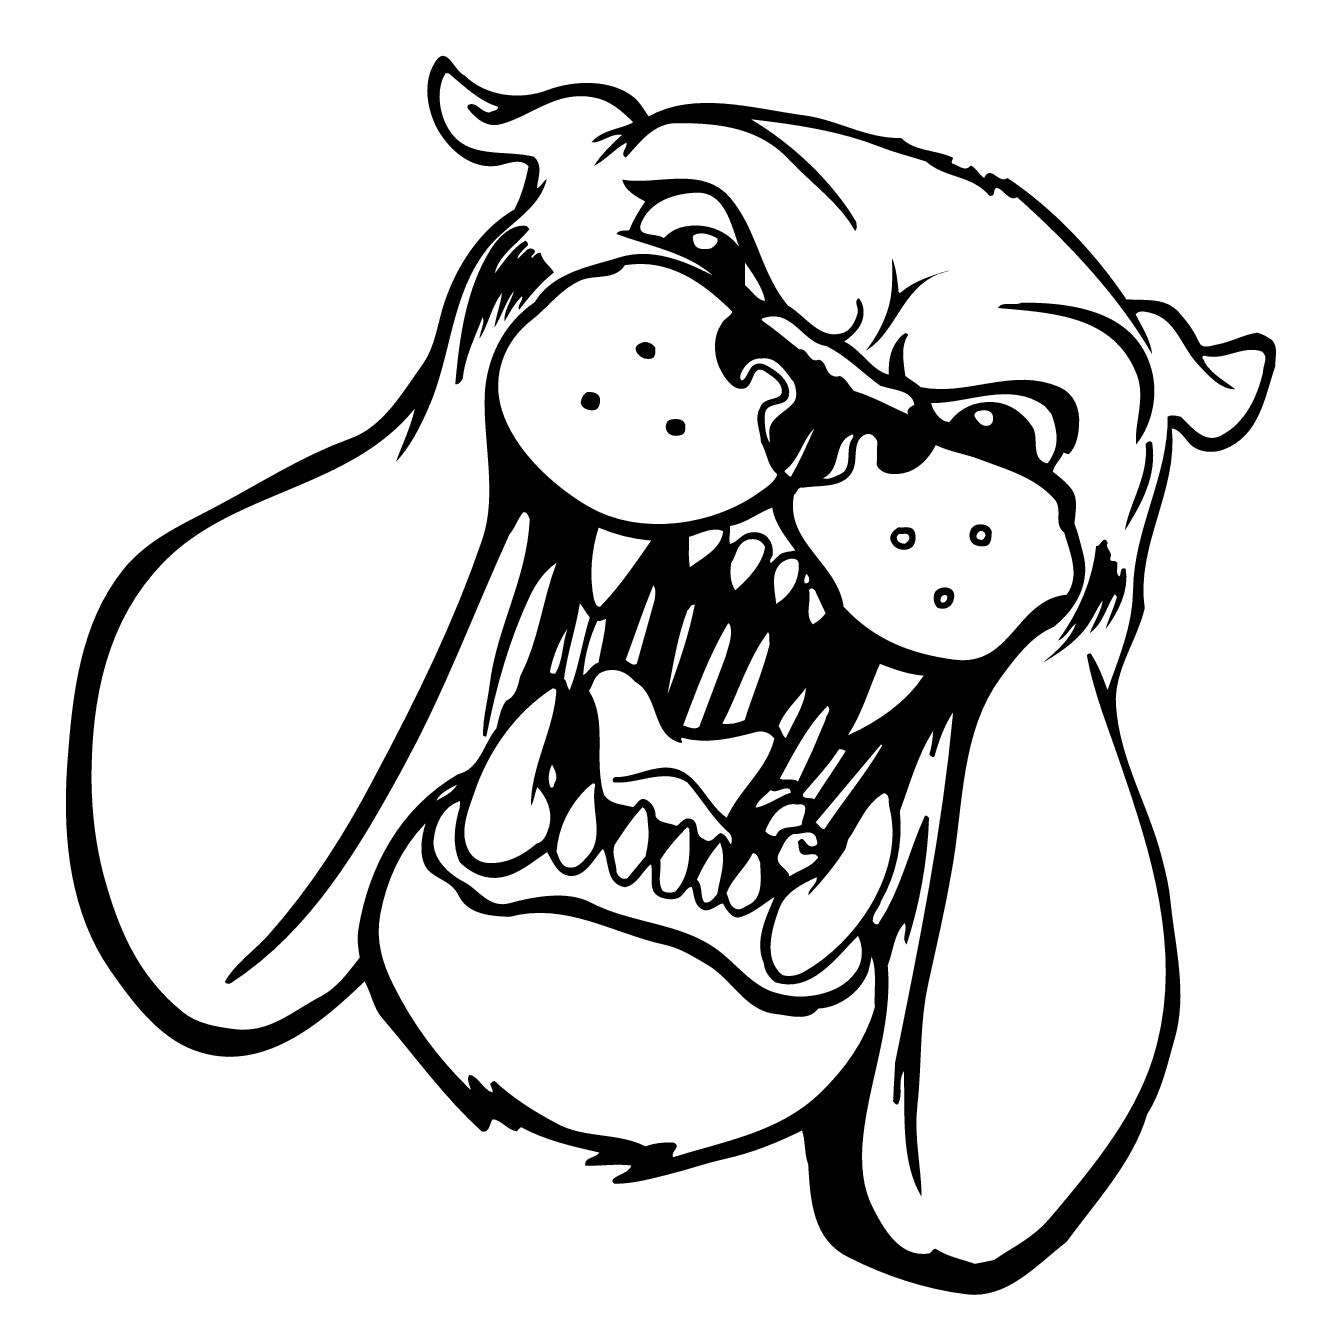 Bad Dog Bites